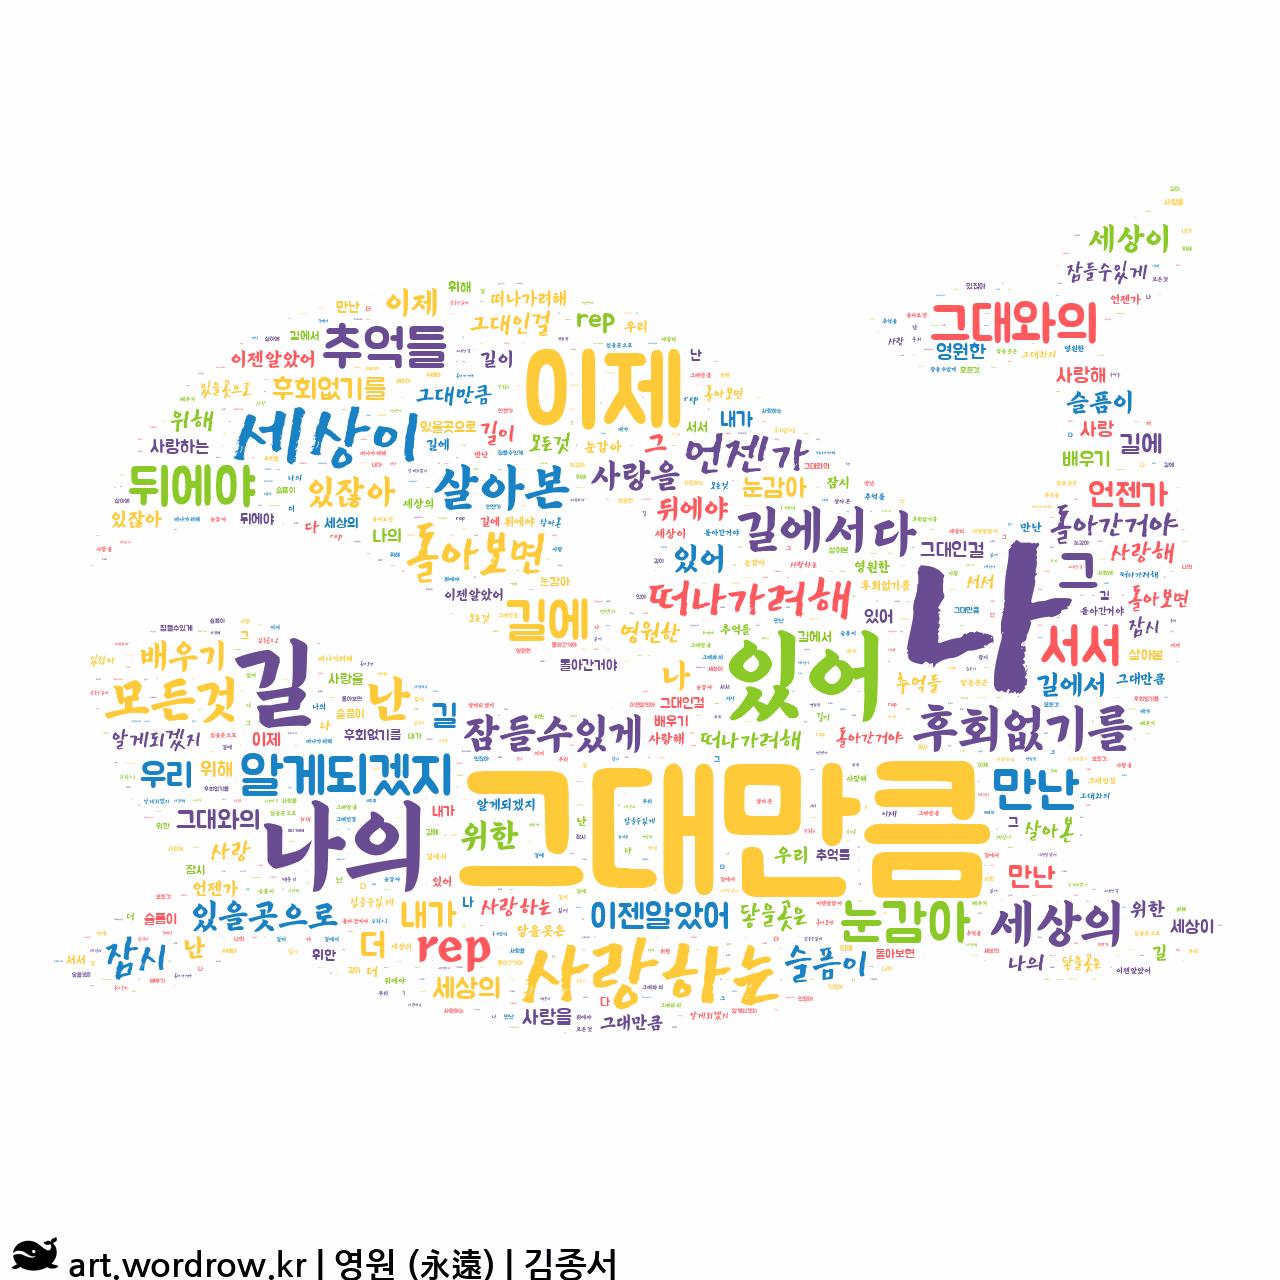 워드 클라우드: 영원 (永遠) [김종서]-6